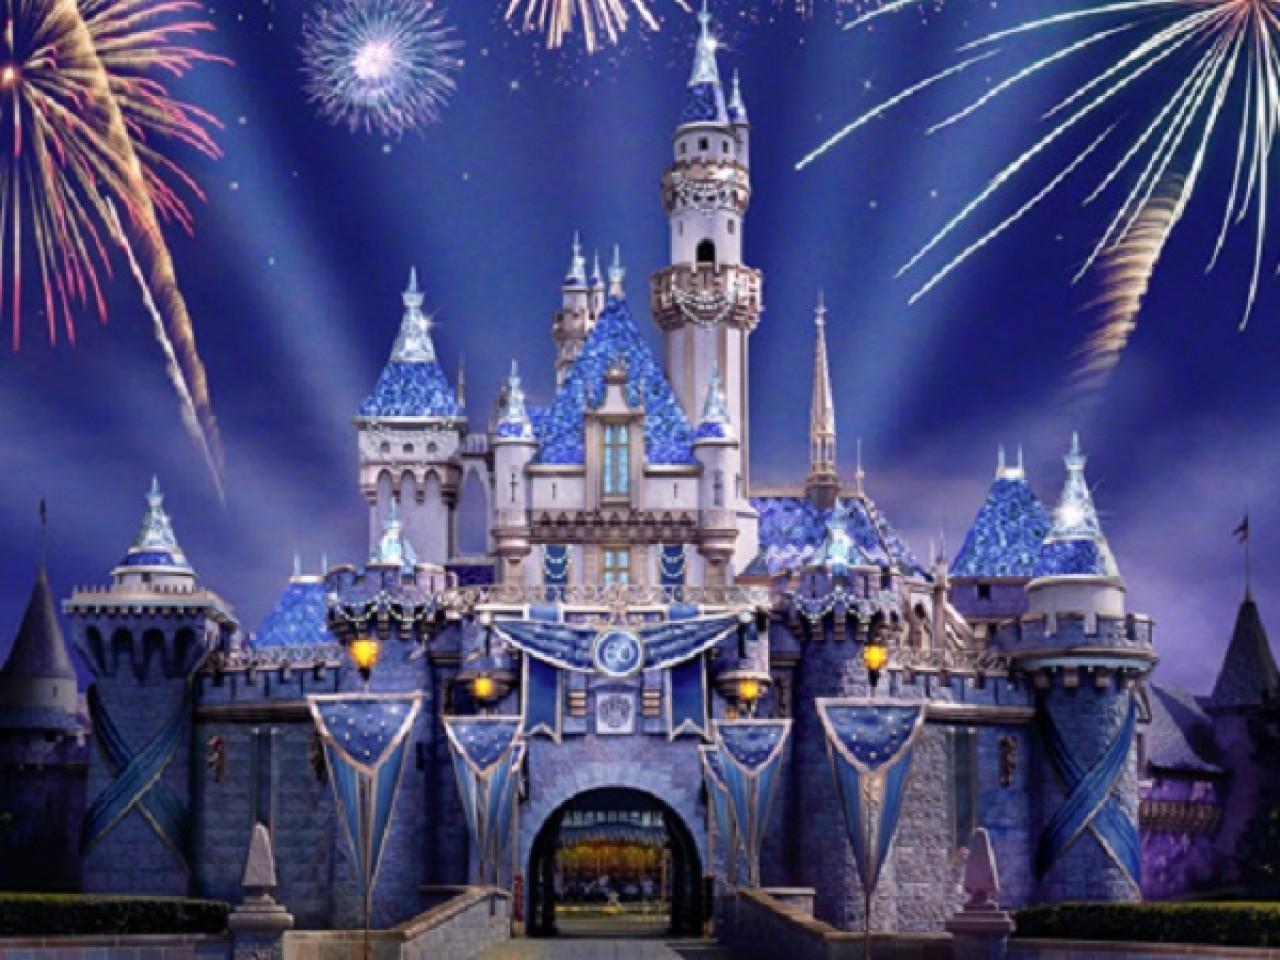 Disneyland Resort in Anaheim